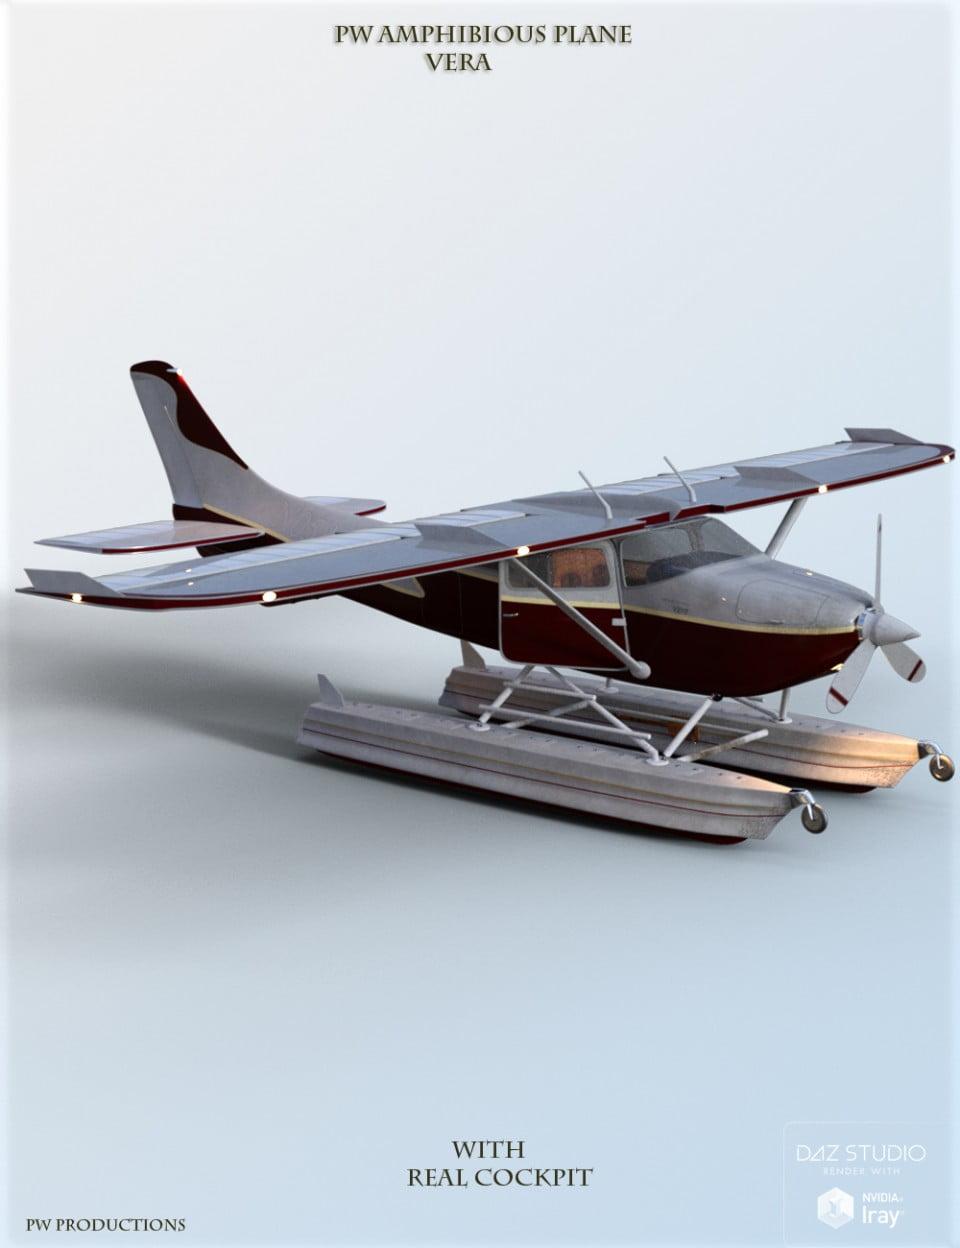 PW Amphibious Plane